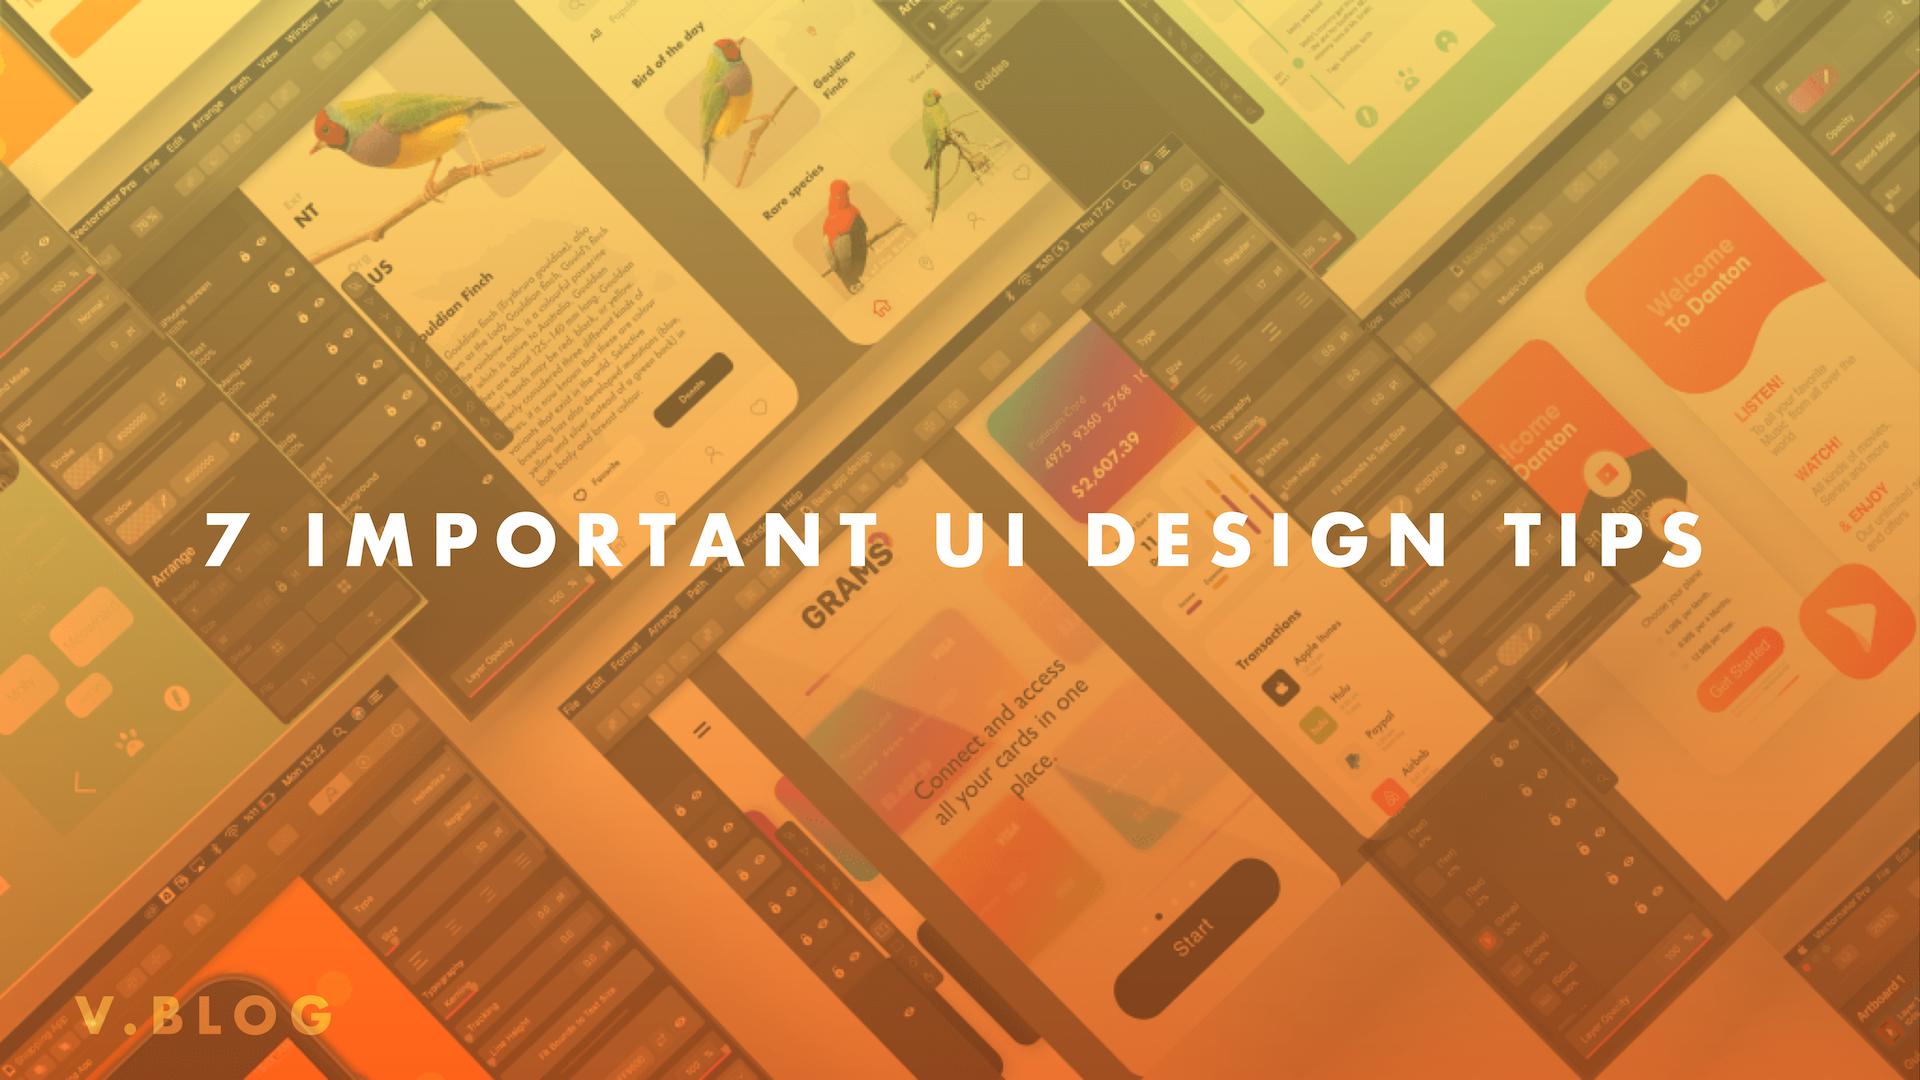 7-important-ui-design-tips